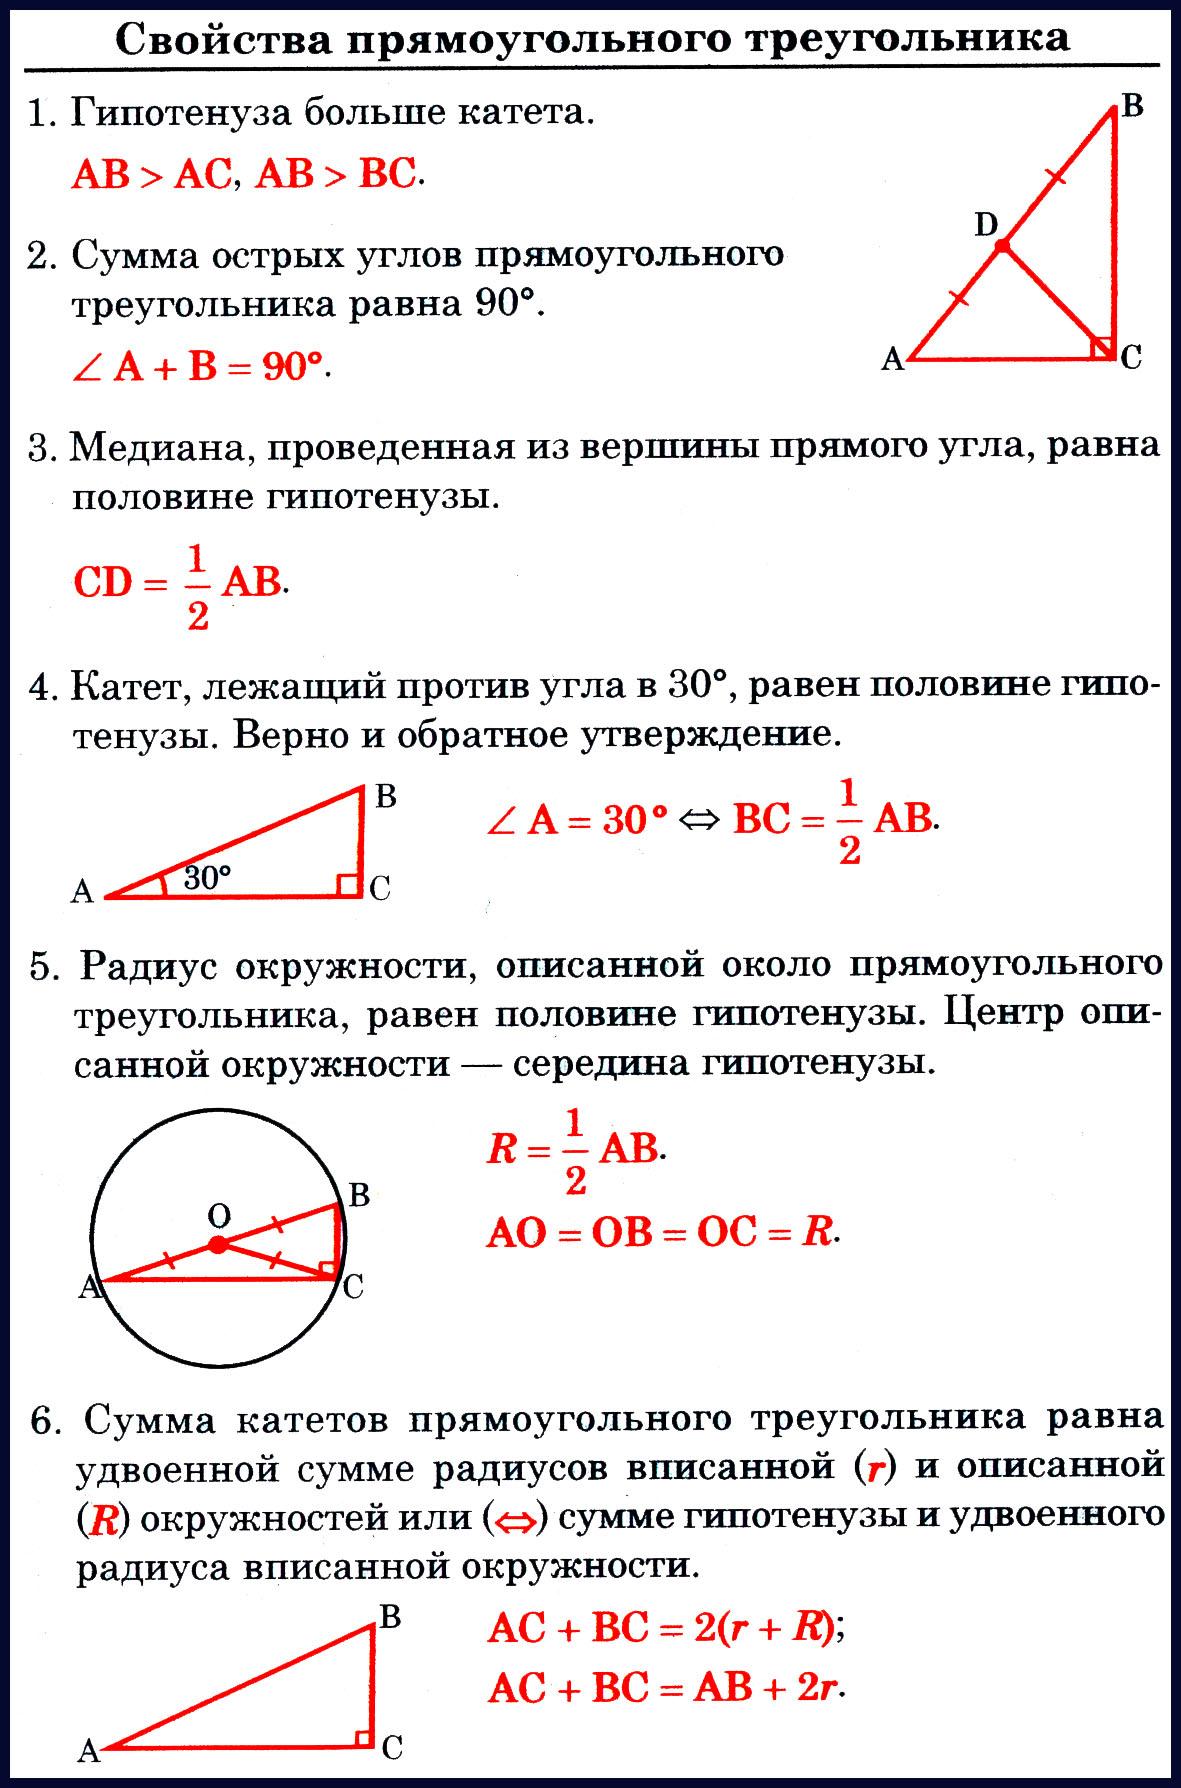 Вся теория по прямоугольным треугольникам